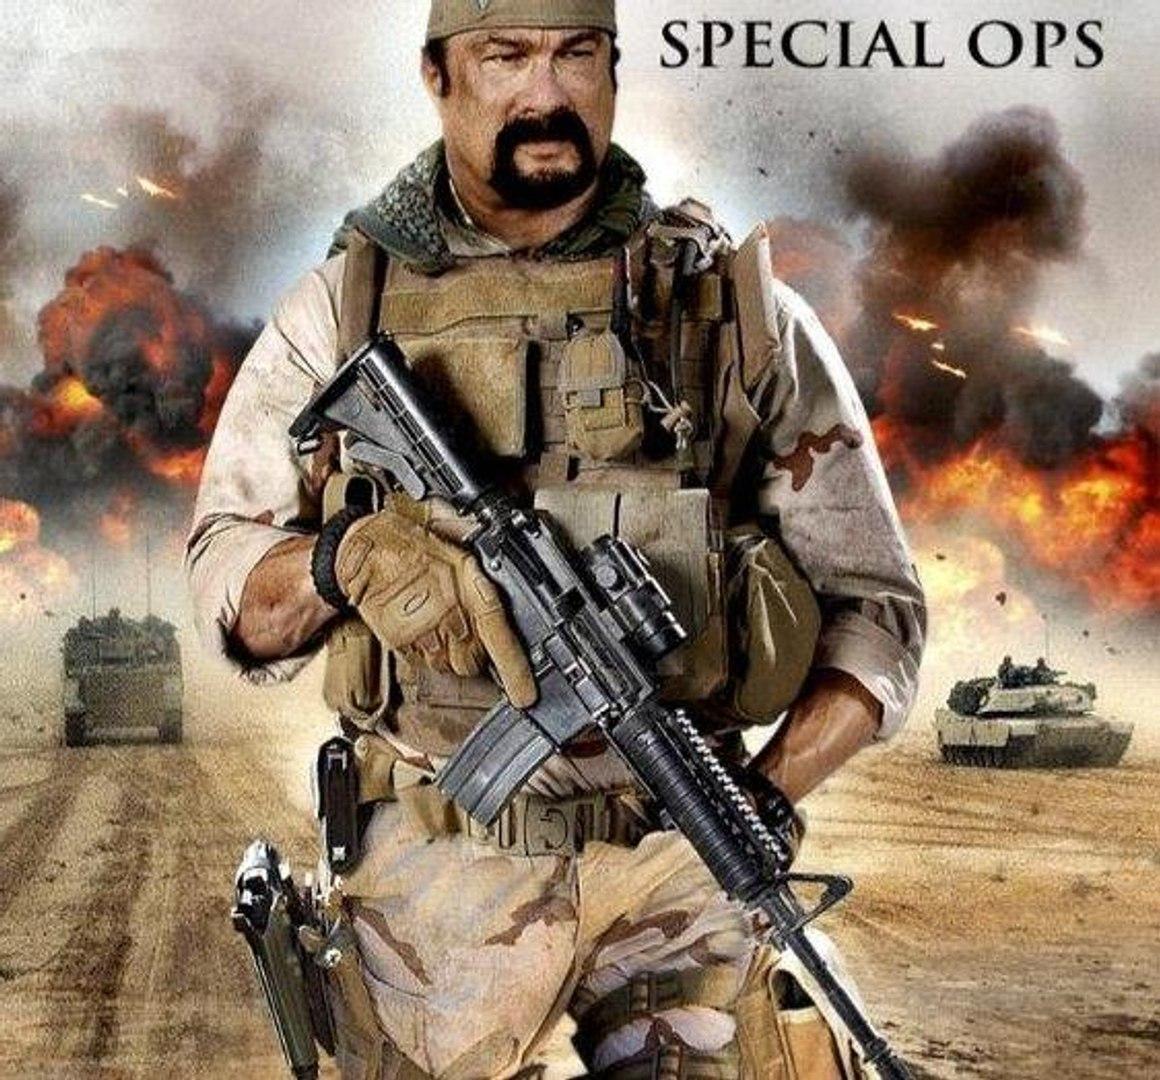 الجزء الثانى - مترجم Sniper: Special Ops 2016 فيلم الاكشن والحروب